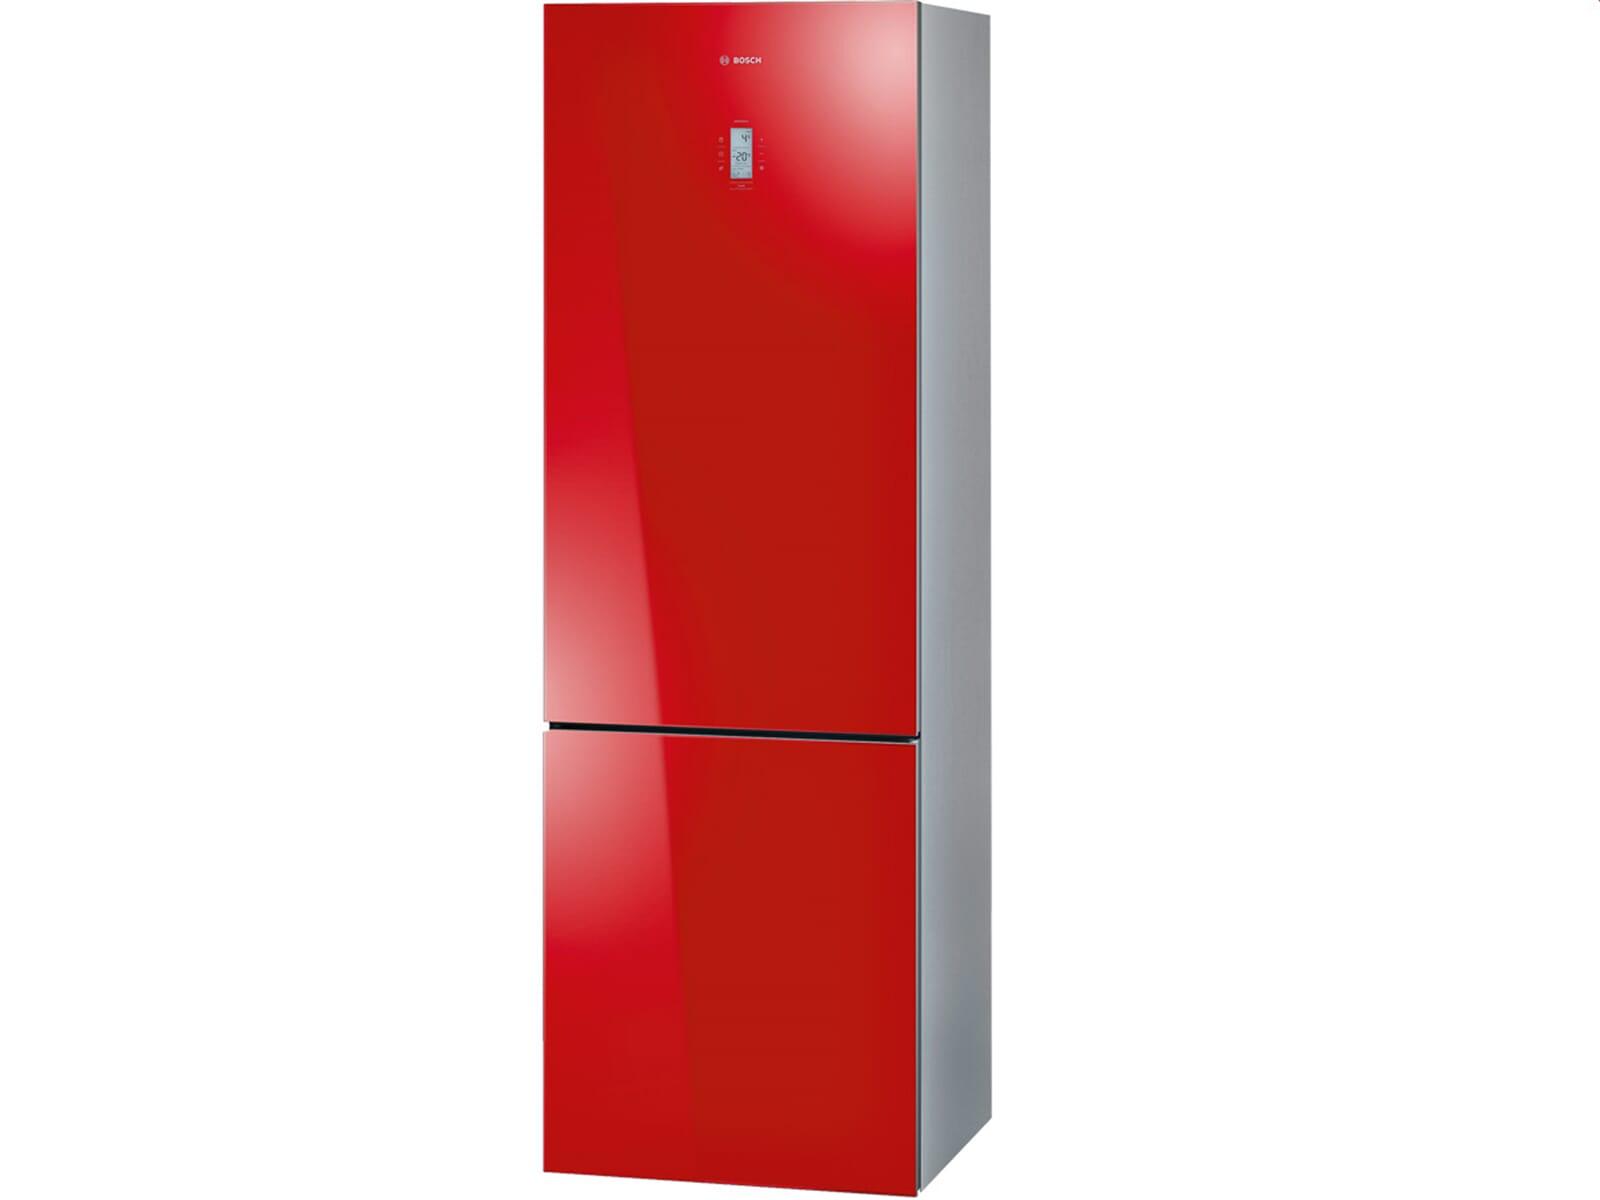 bosch kgn36sr31 stand k hl gefrier kombination rot. Black Bedroom Furniture Sets. Home Design Ideas